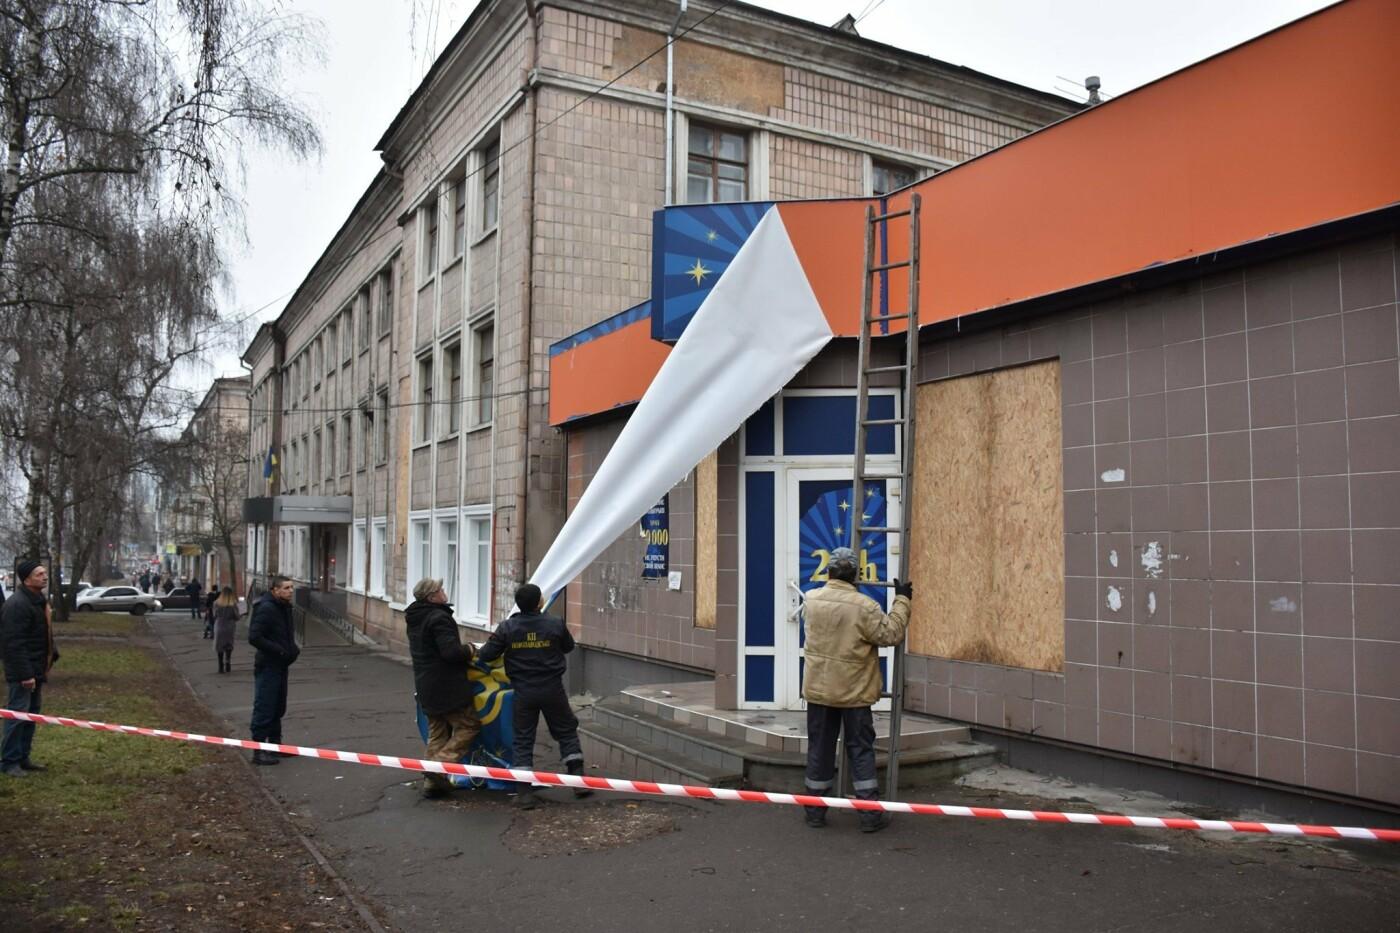 У Чернігові почали демонтаж реклами гральних закладів, фото-6